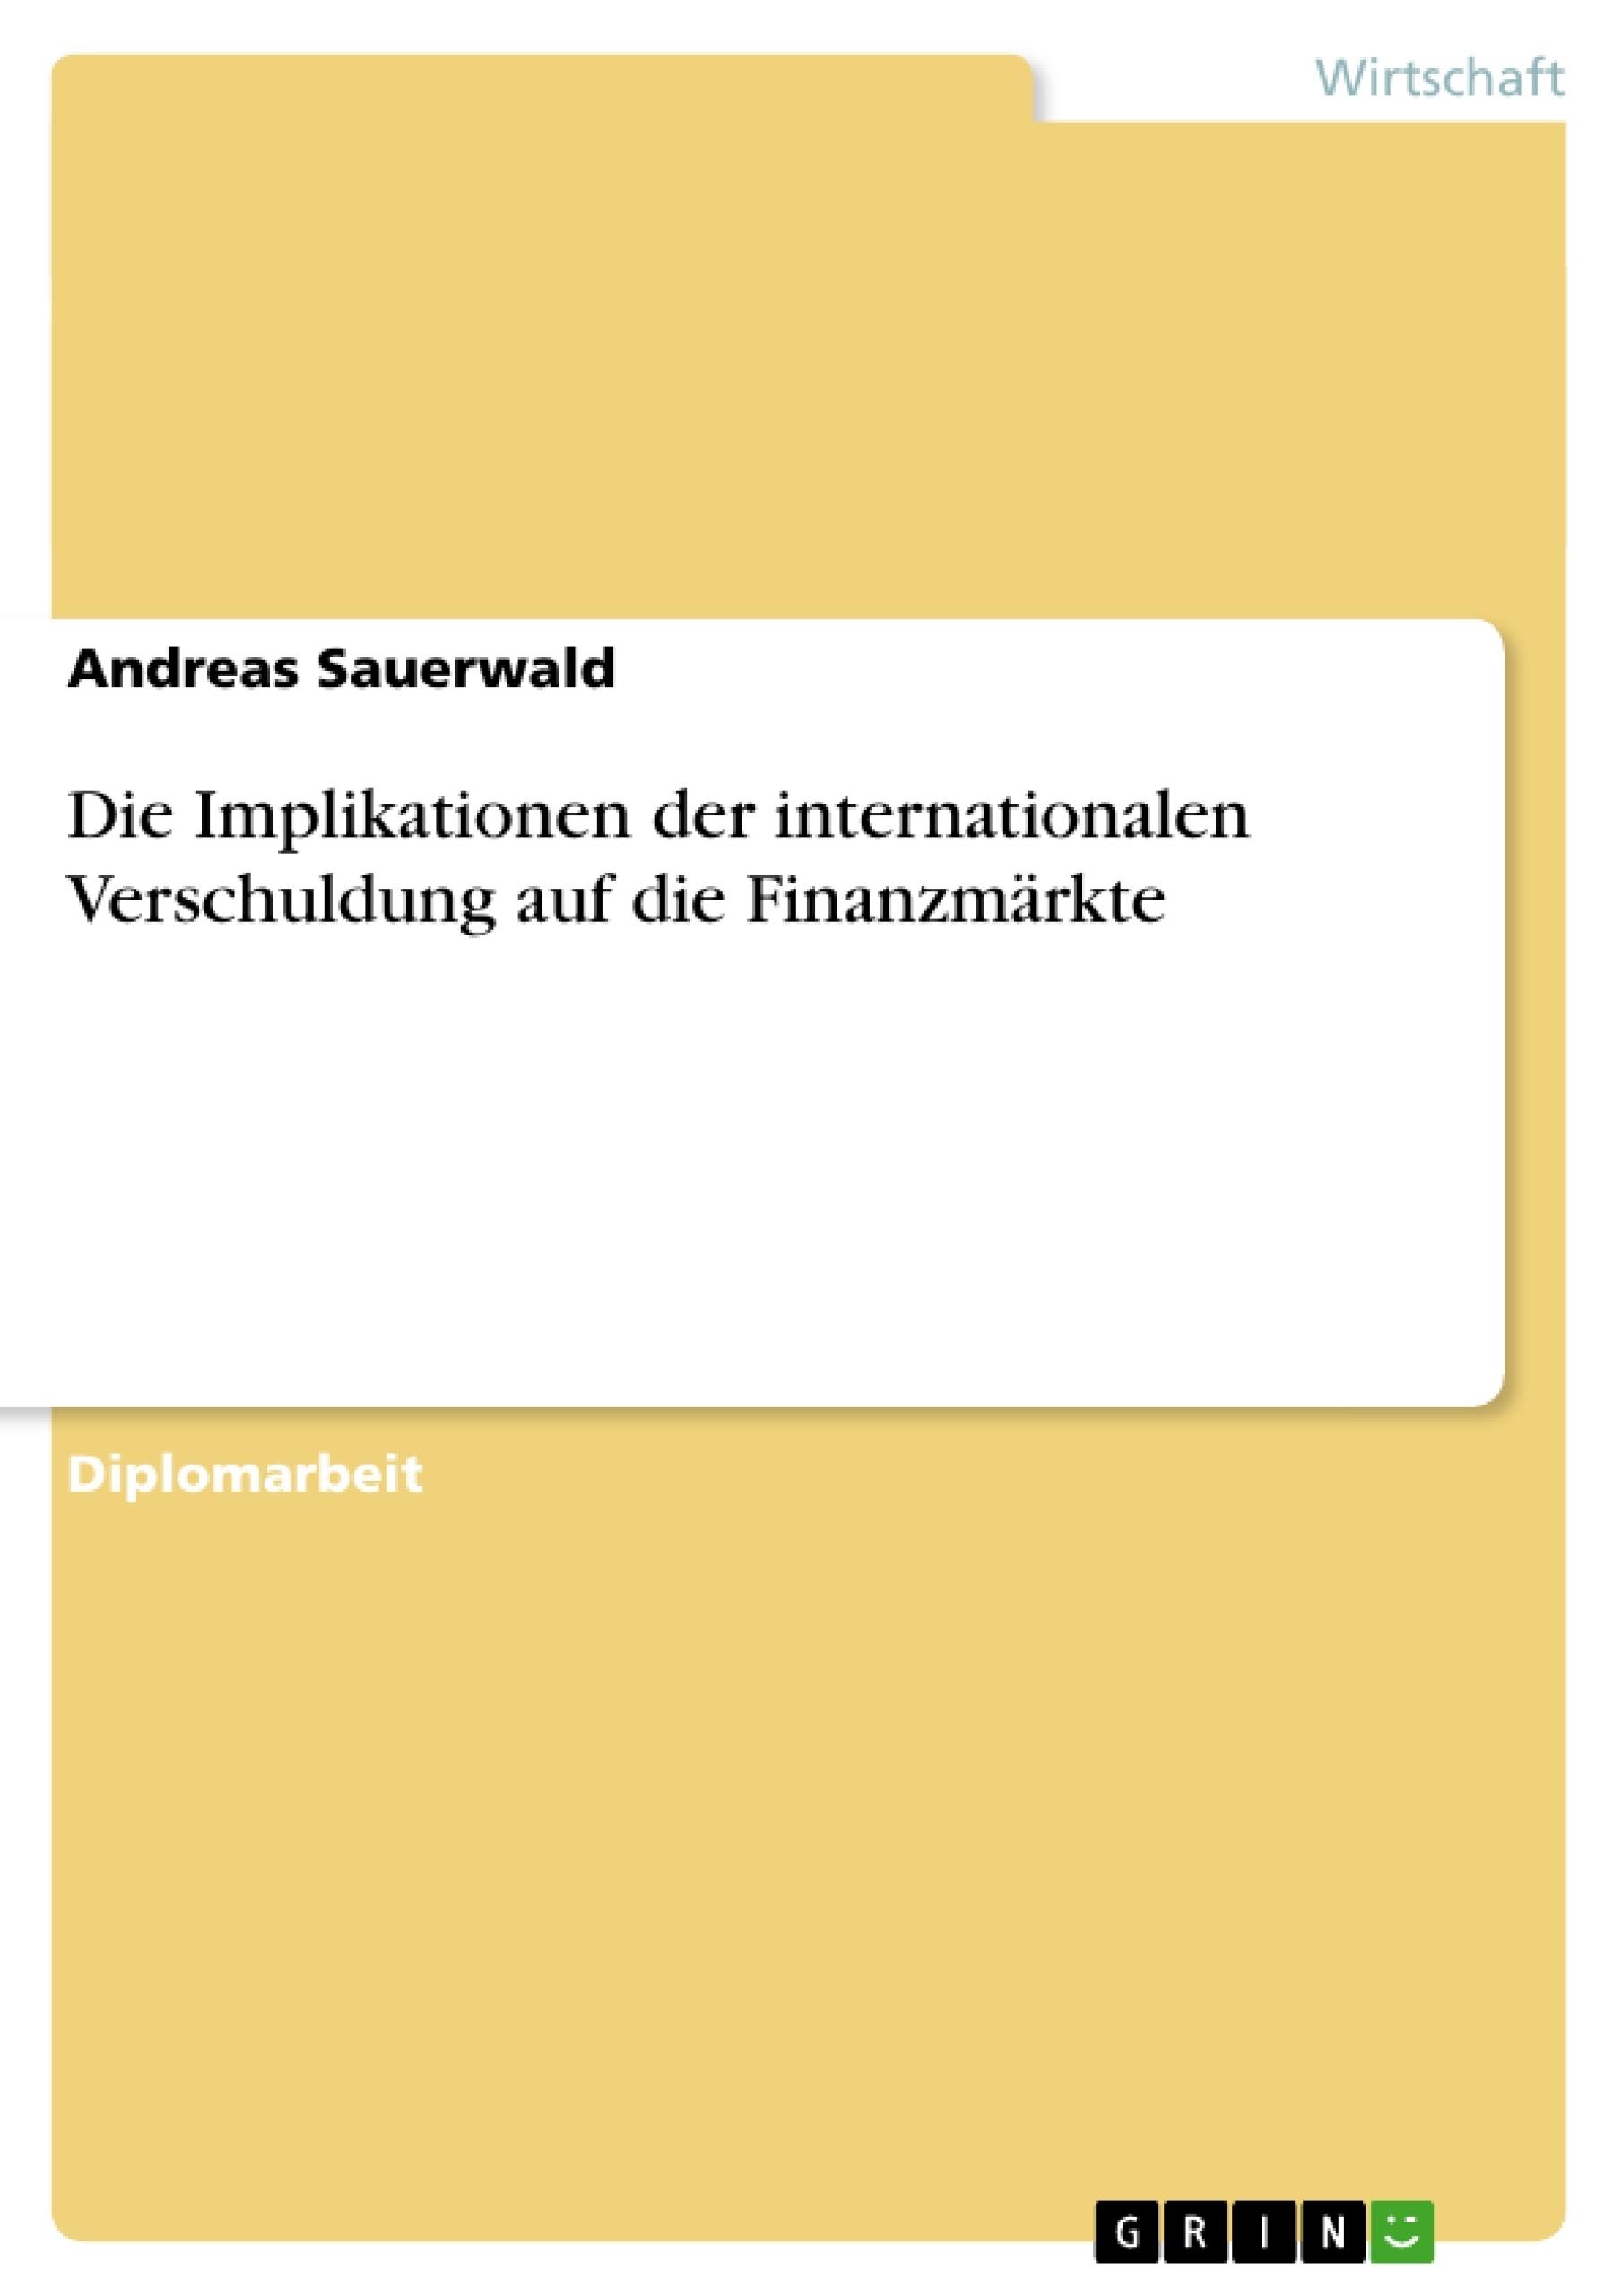 Titel: Die Implikationen der internationalen Verschuldung auf die Finanzmärkte